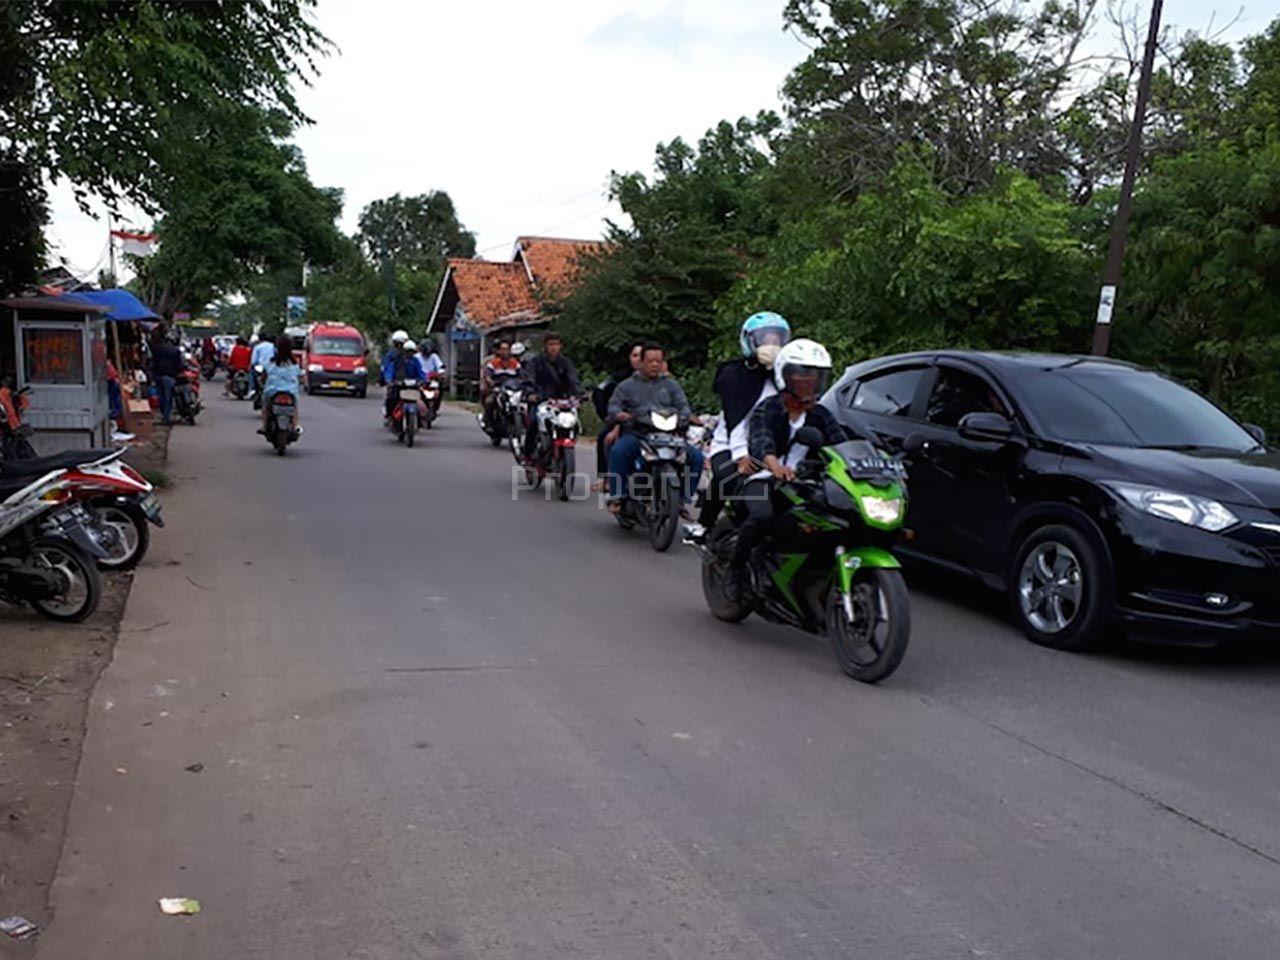 Investment Land 1.7 Ha in Tangerang, Kab. Tangerang